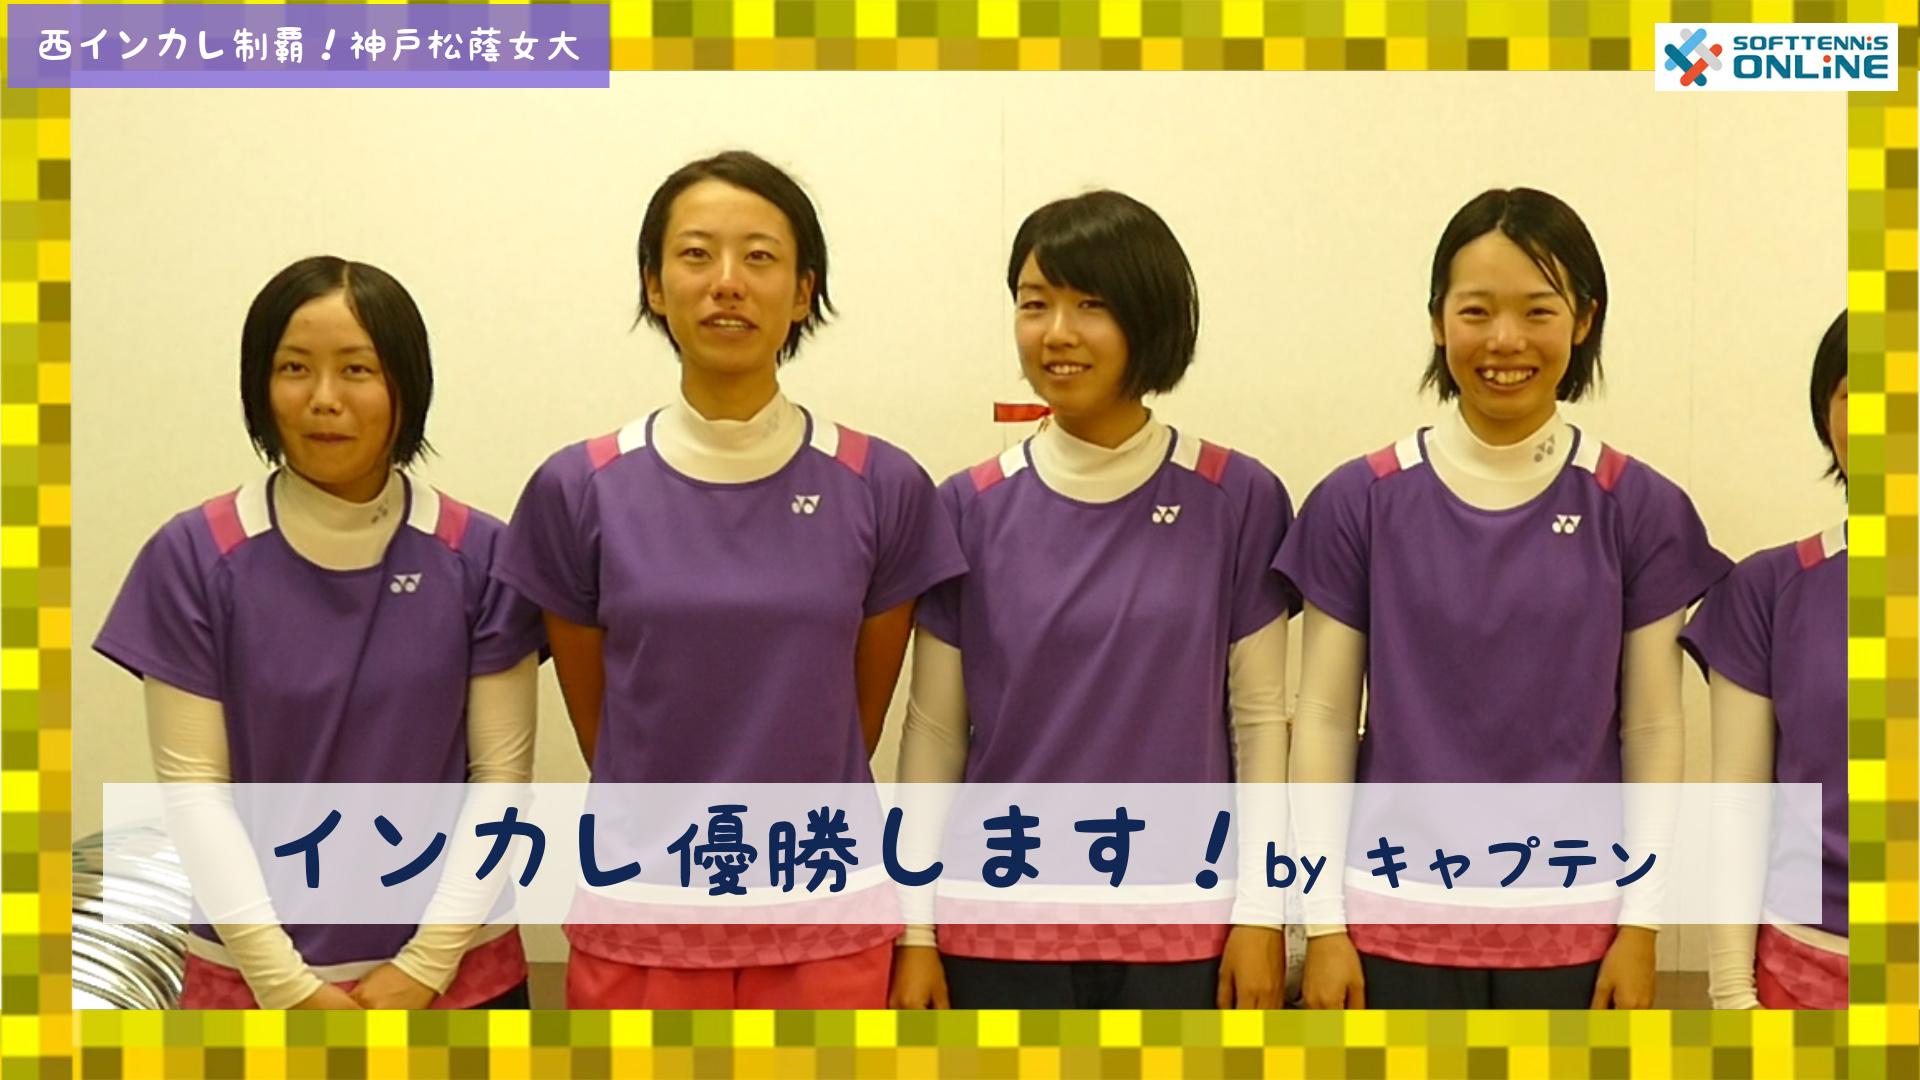 大学 学院 神戸 女子 松蔭